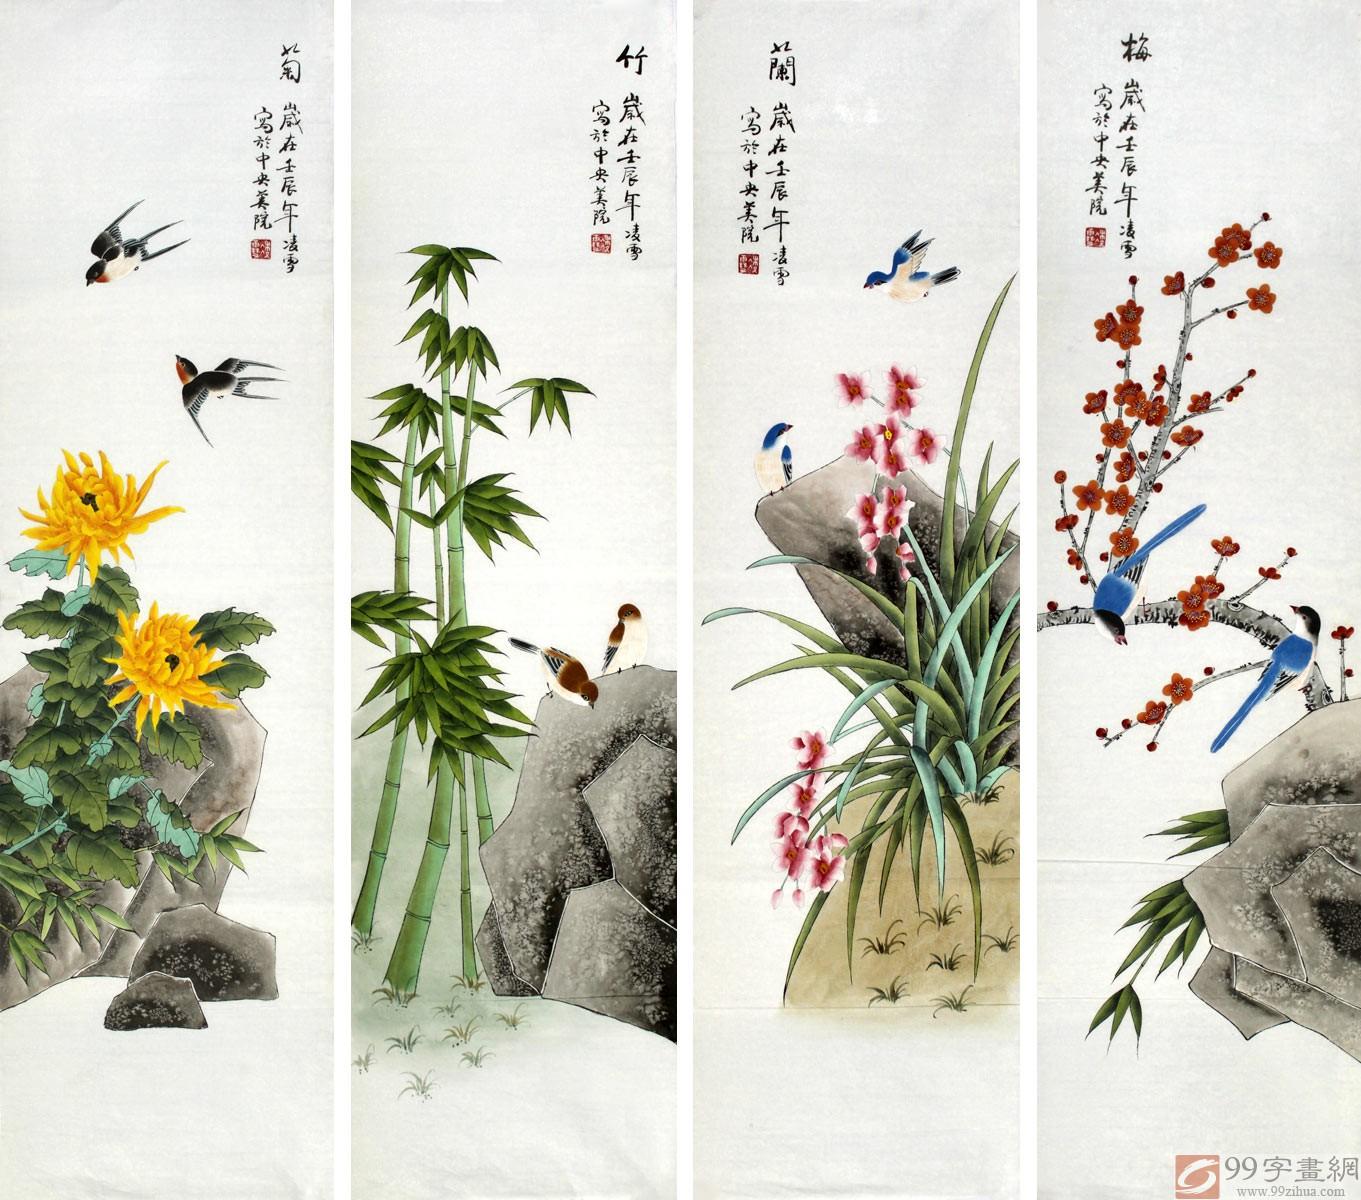 【已售】凌雪工笔花鸟四条屏《梅兰竹菊》